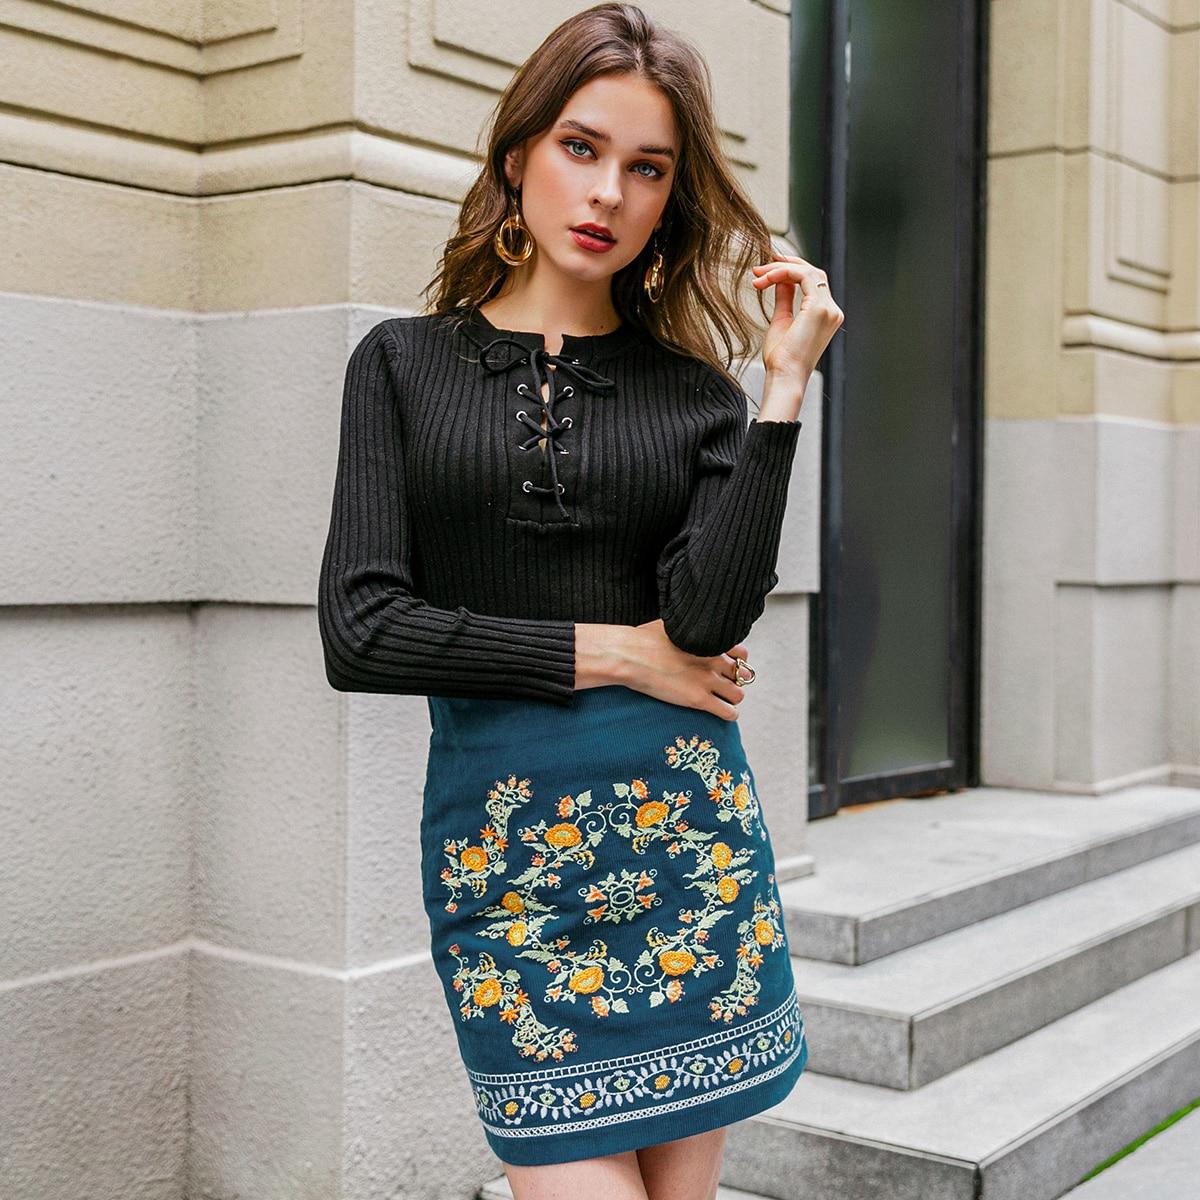 Вельветовая юбка с цветочной вышивкой